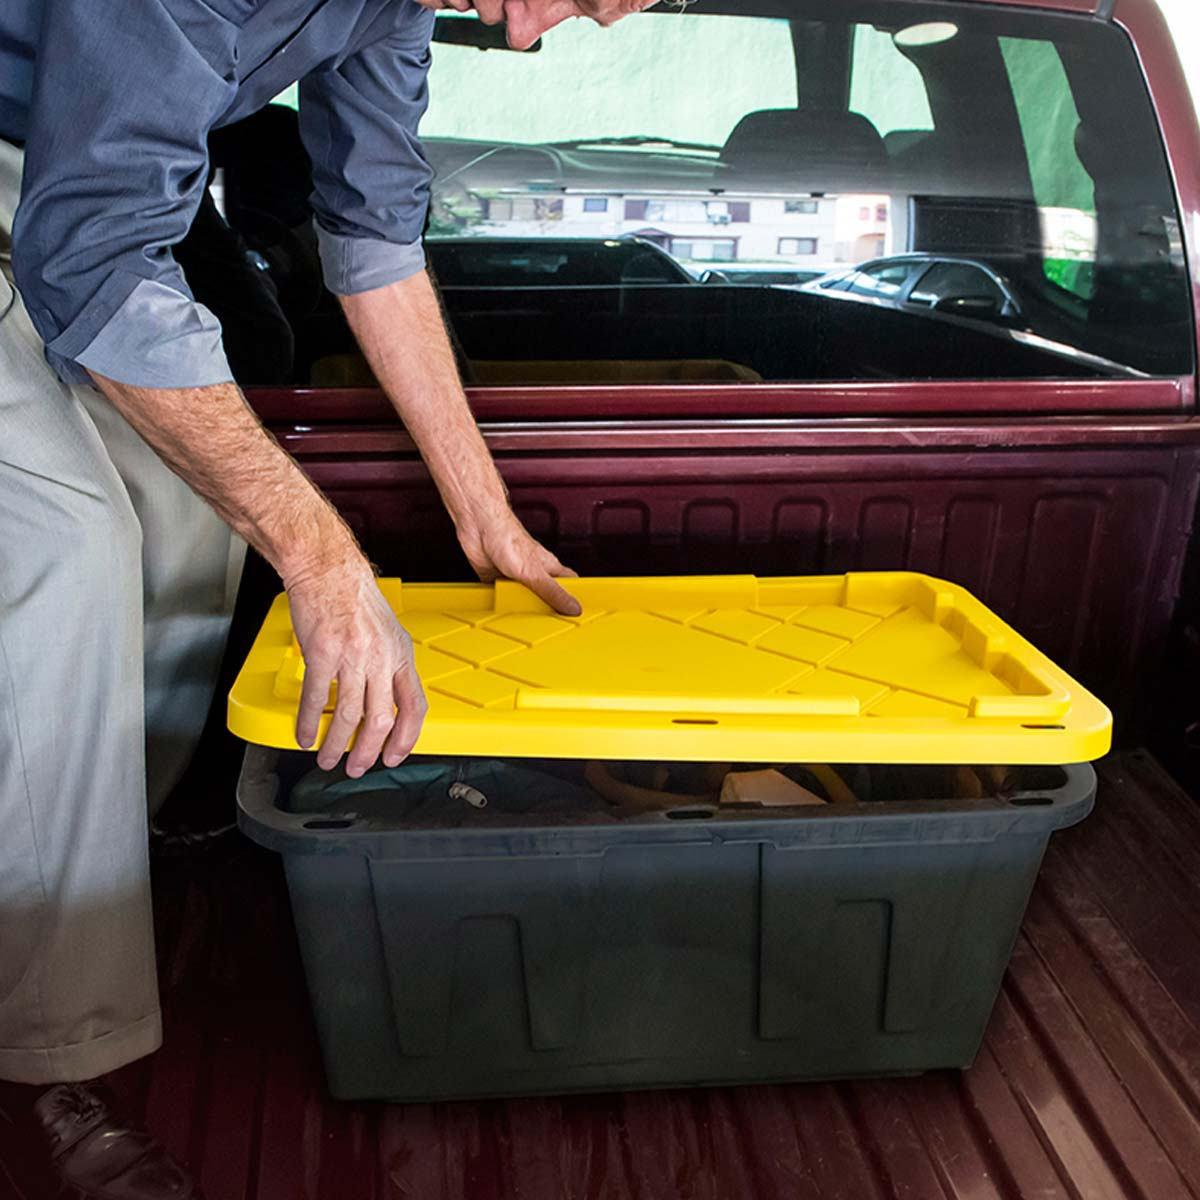 27 加侖/102 公升附蓋收納箱